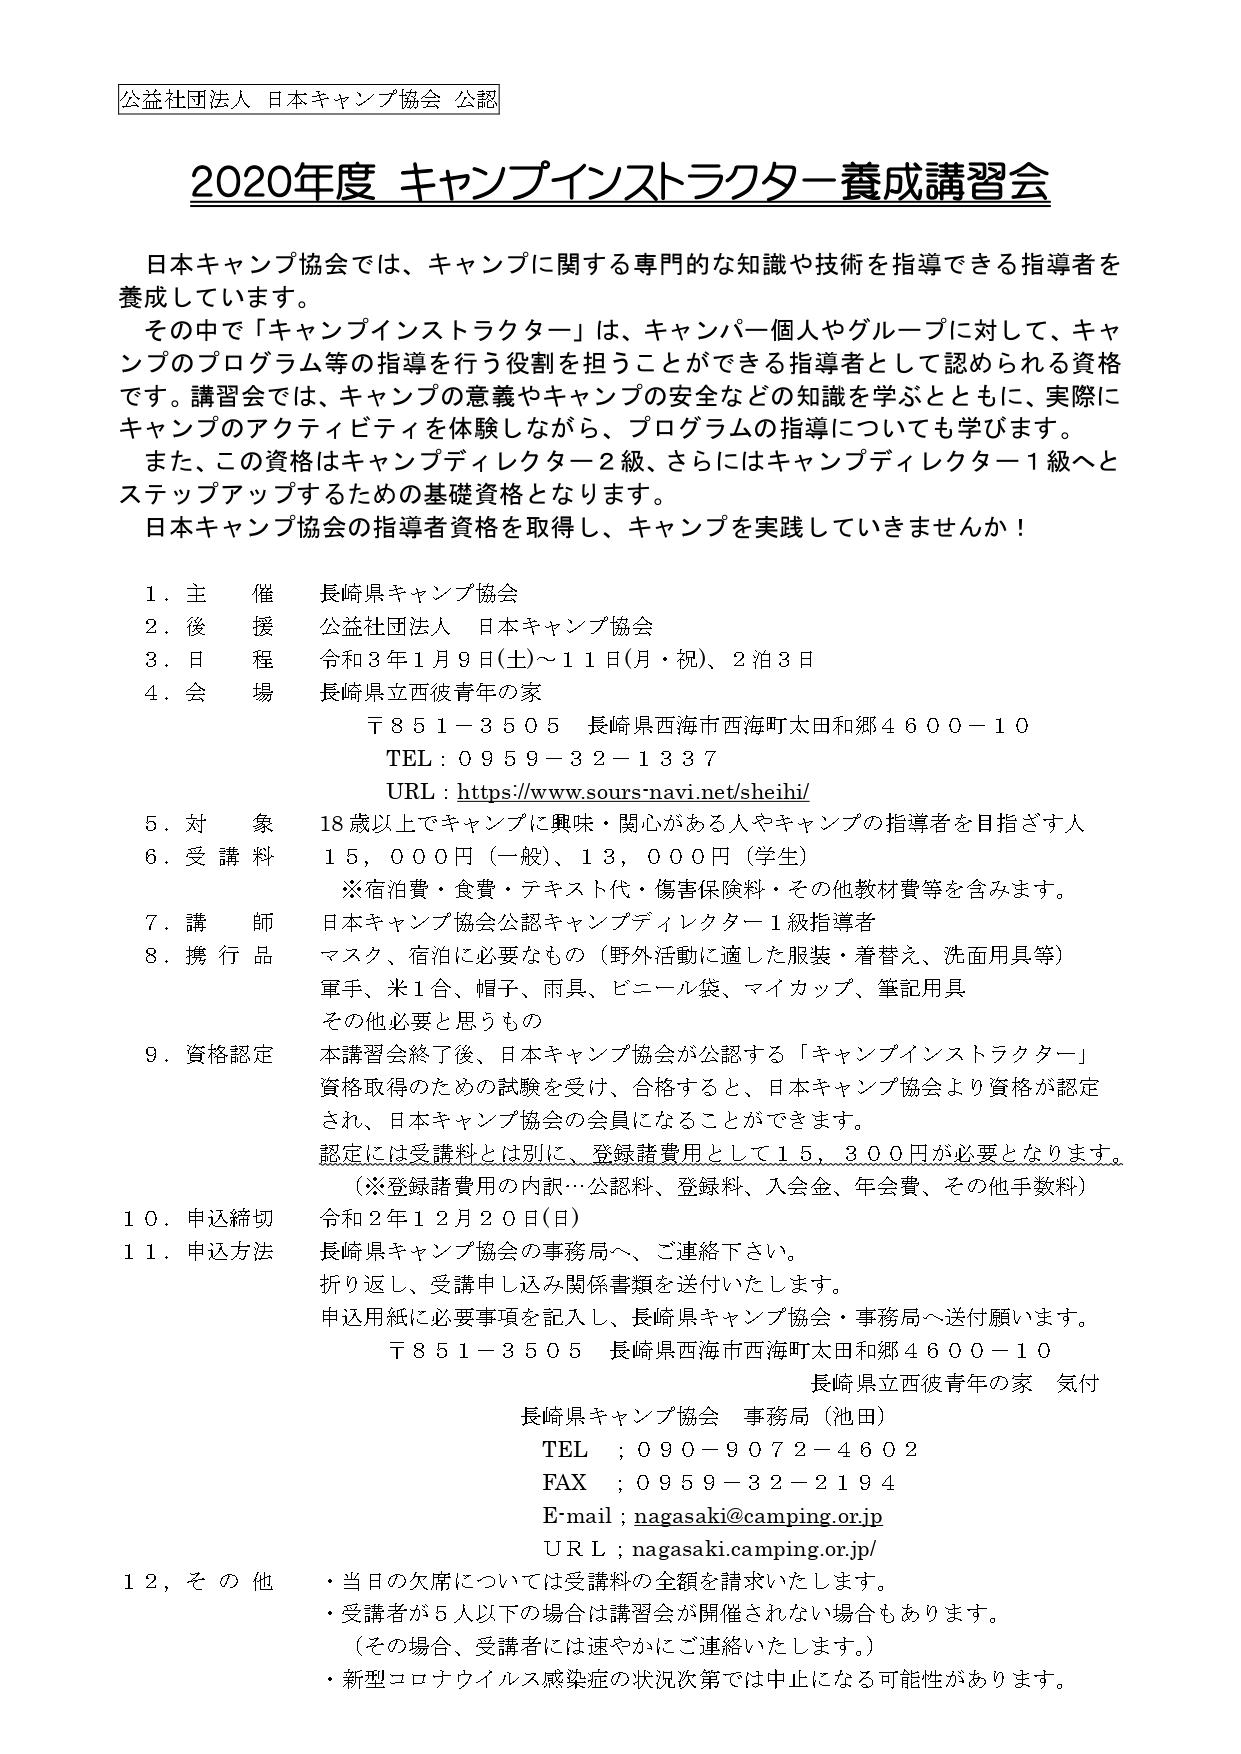 【中止】長崎:キャンプインストラクター養成講習会 @ 長崎県立西彼青年の家